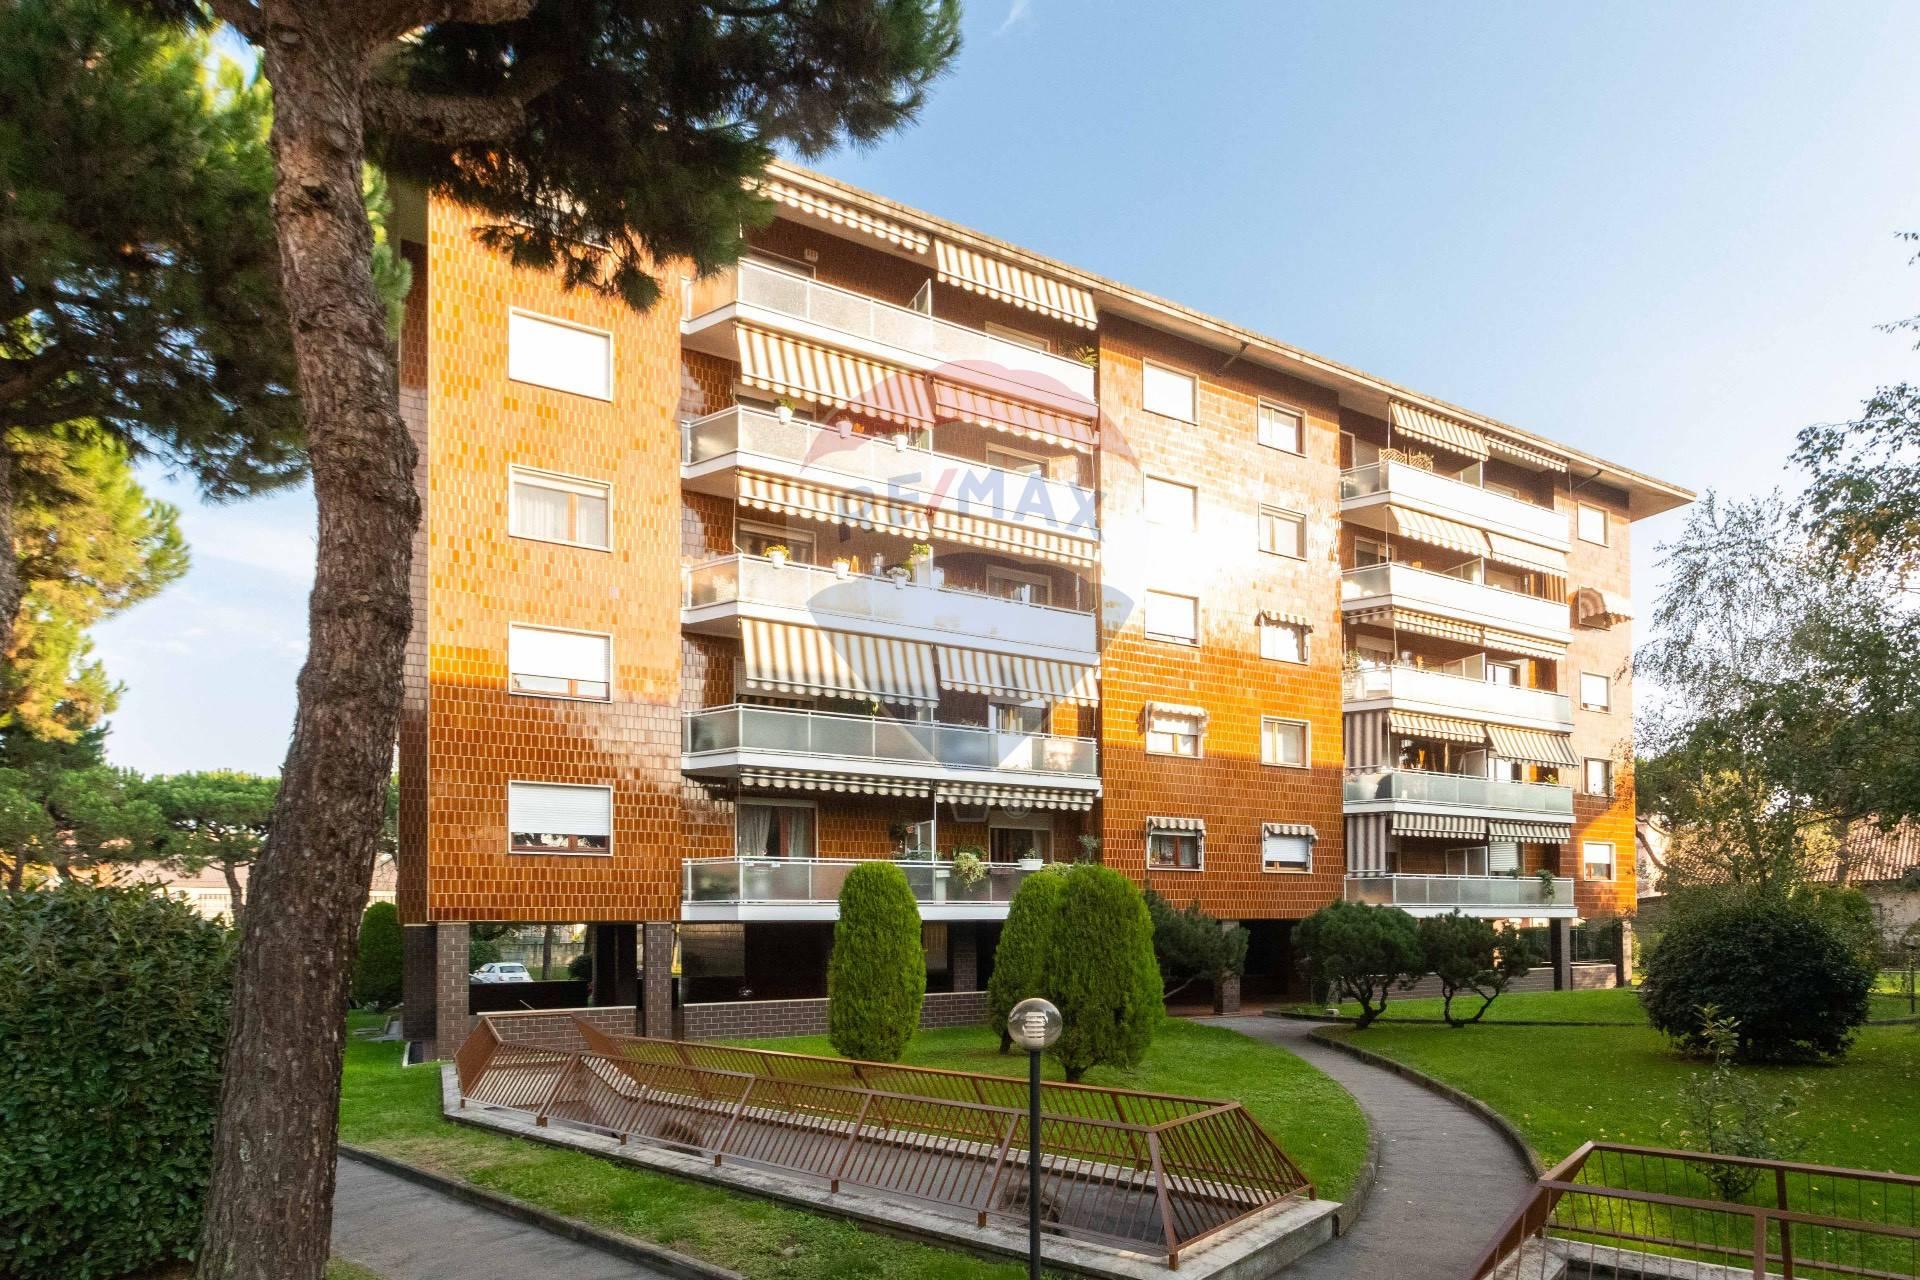 Appartamento in vendita a Venaria Reale, 4 locali, prezzo € 259.000 | CambioCasa.it